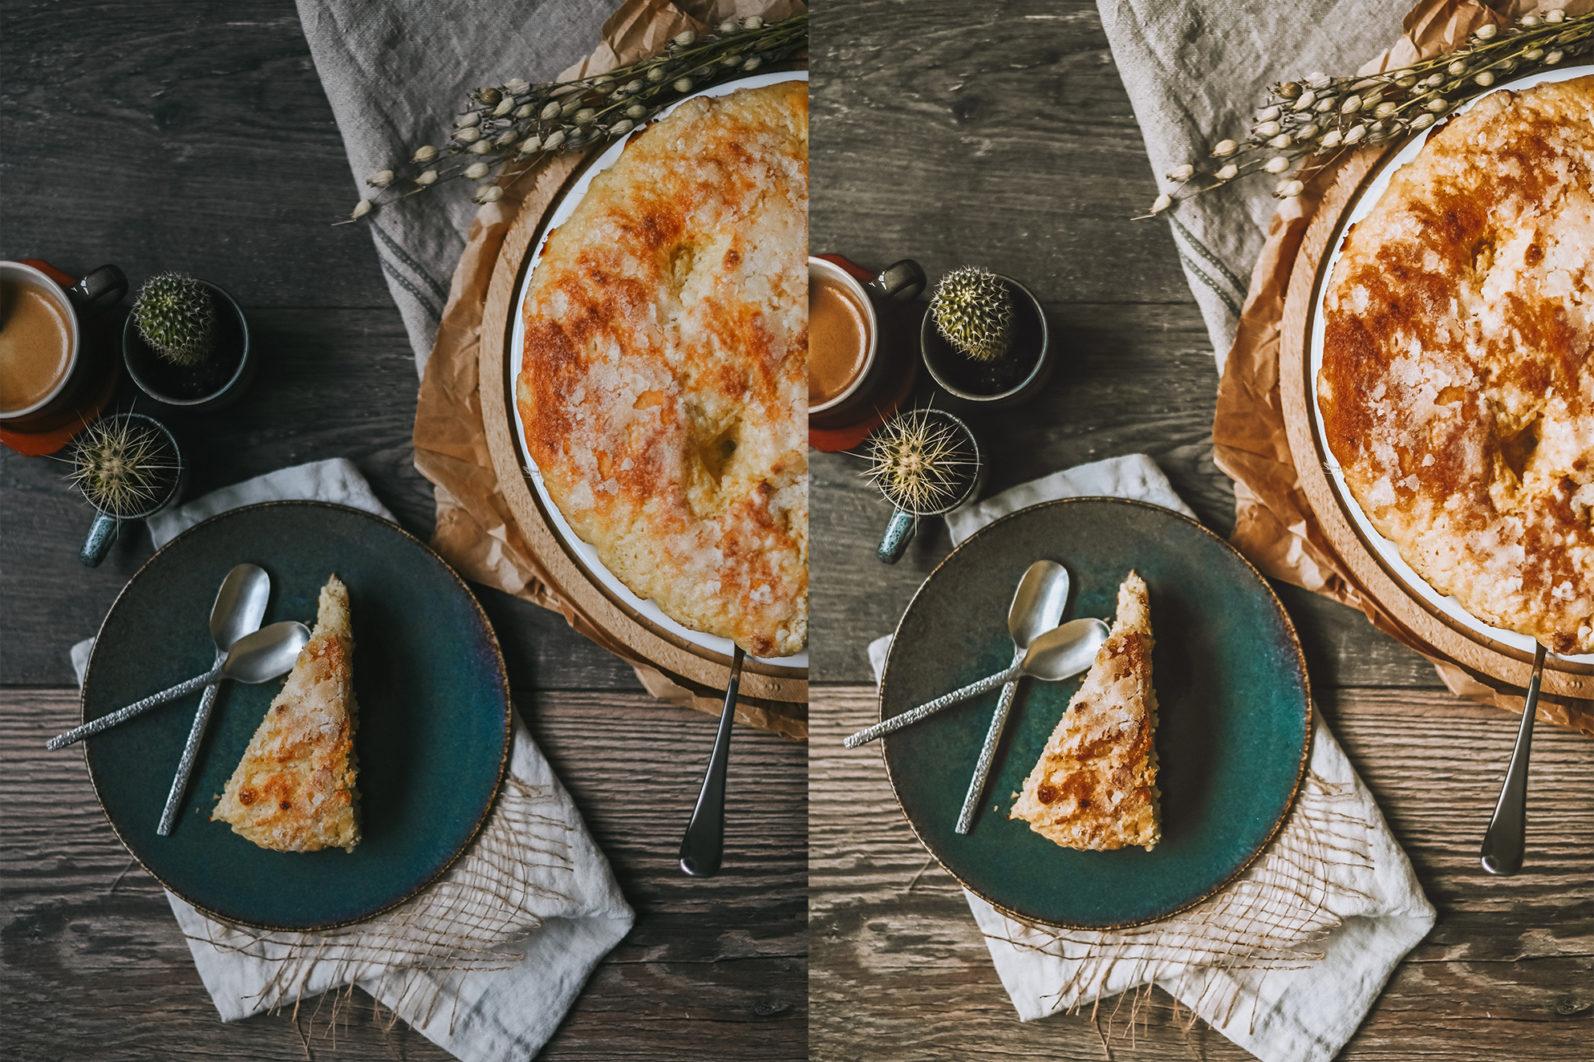 Food Blogger Vol. 1 Lightroom Presets - Desktop and Mobile - 2 Food Blogger 2 -